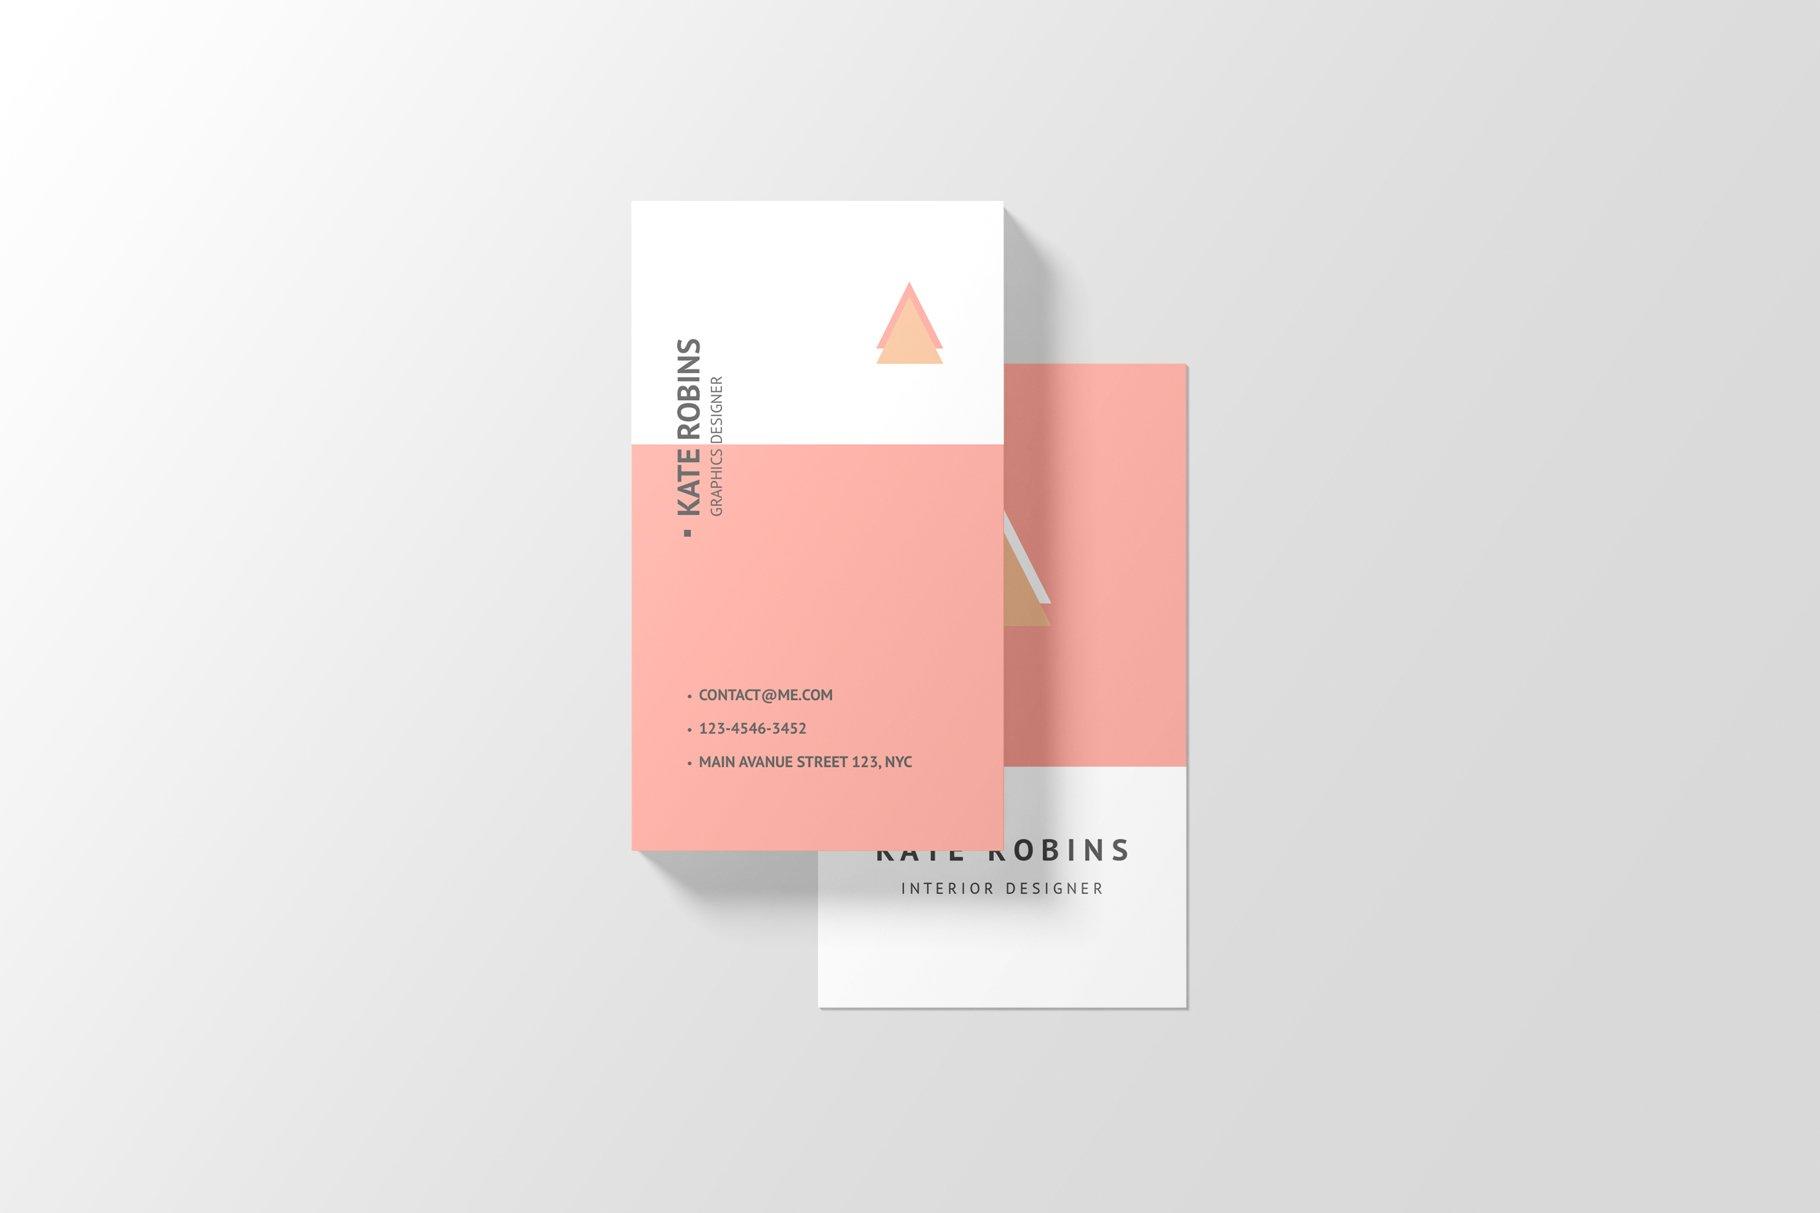 14款商务个人名片卡片设计展示样机 Portrait Business Card Mockup插图(13)